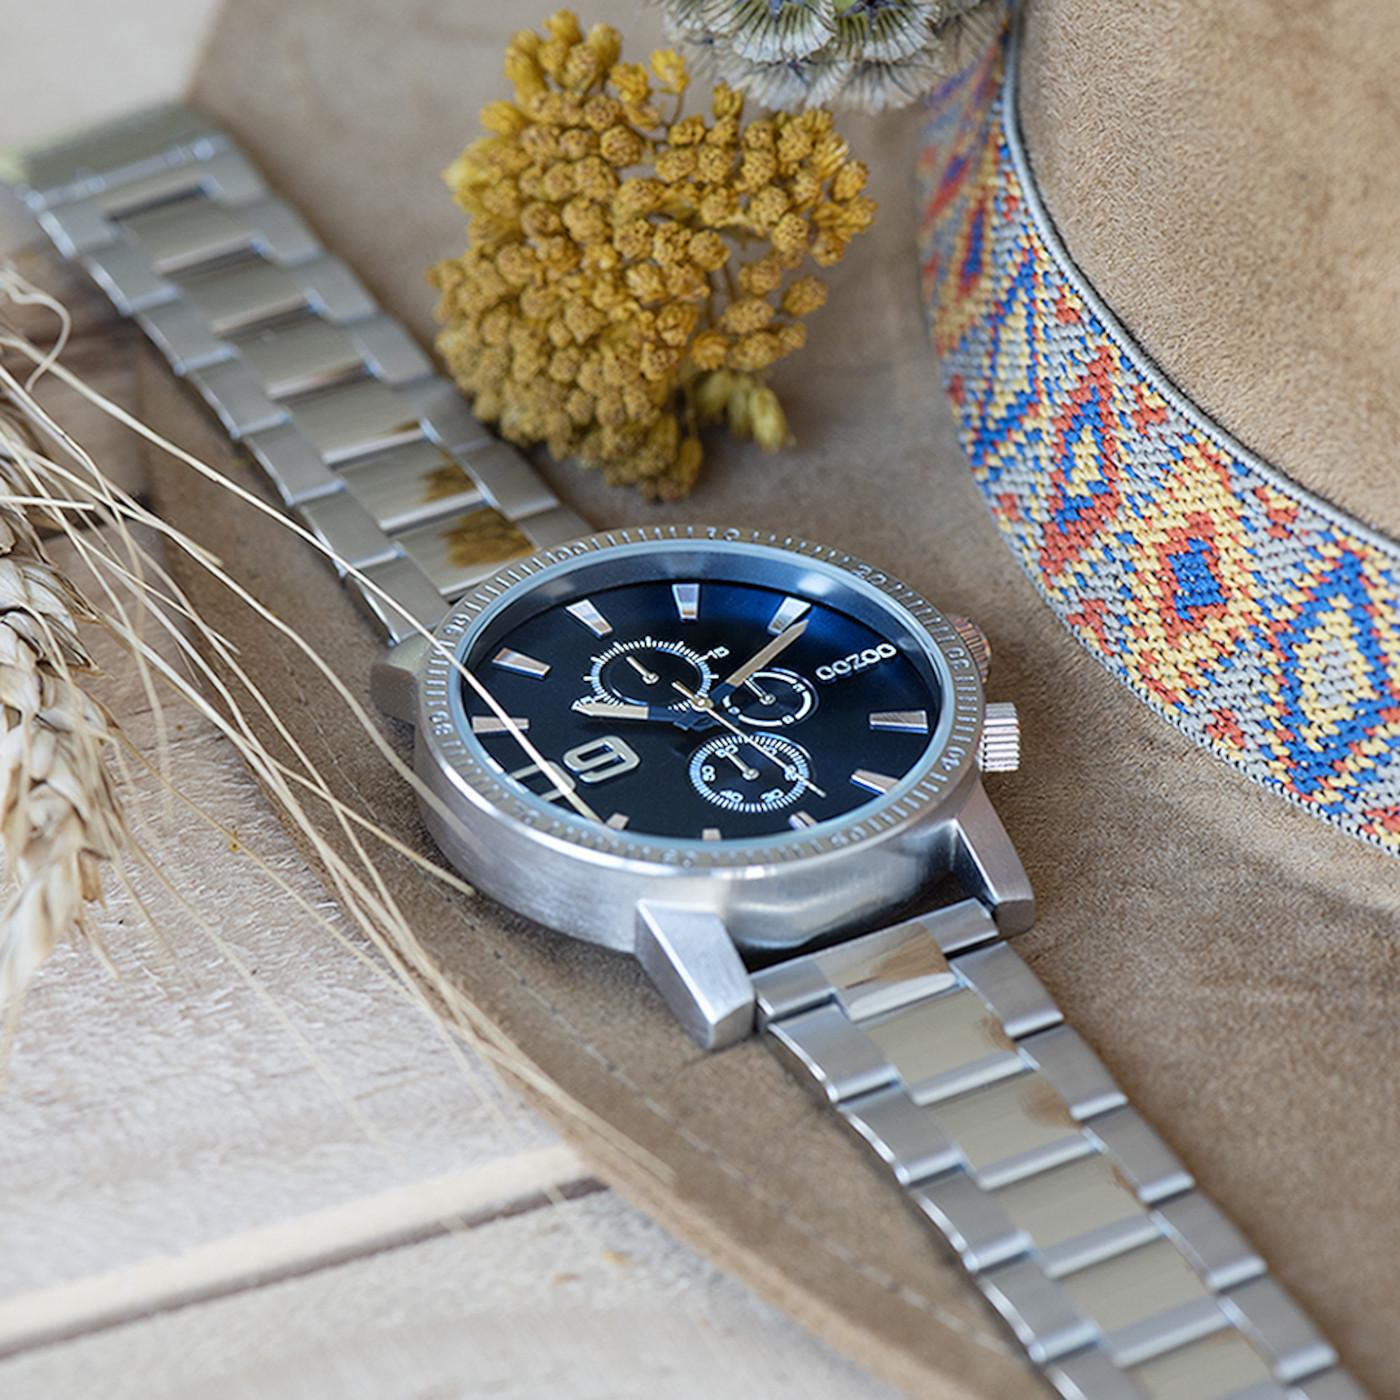 OOZOO Timepieces Summer horloge C10705